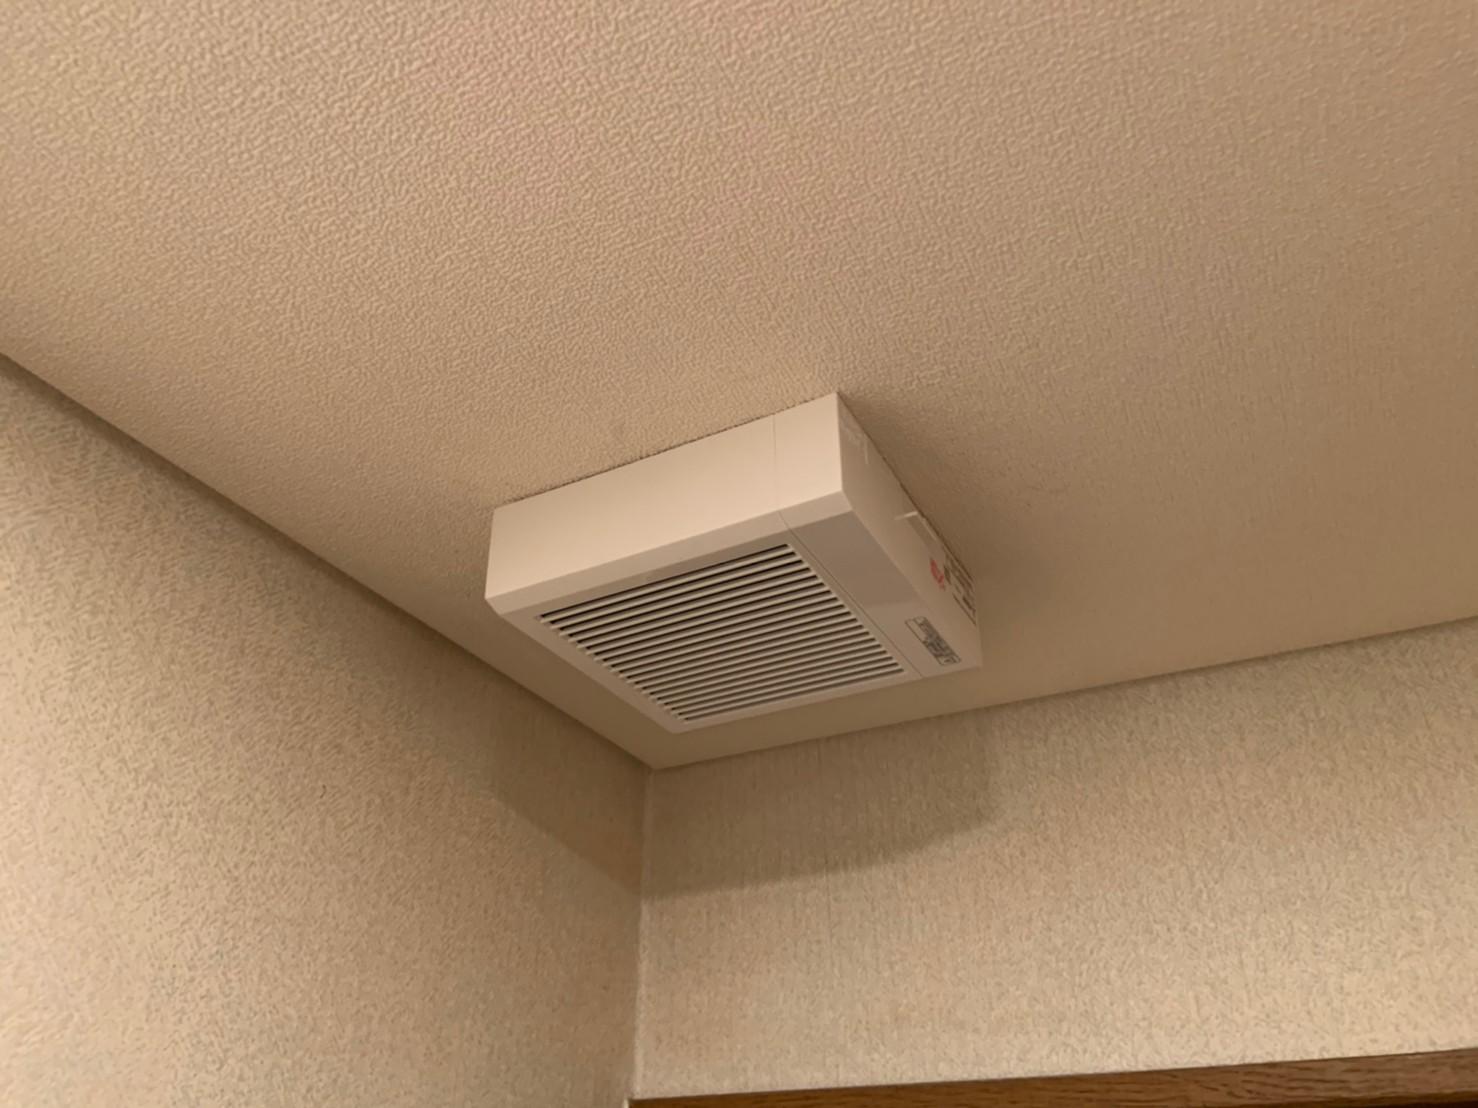 トイレ換気扇の交換工事|V-08PS7|京都市北区紫野